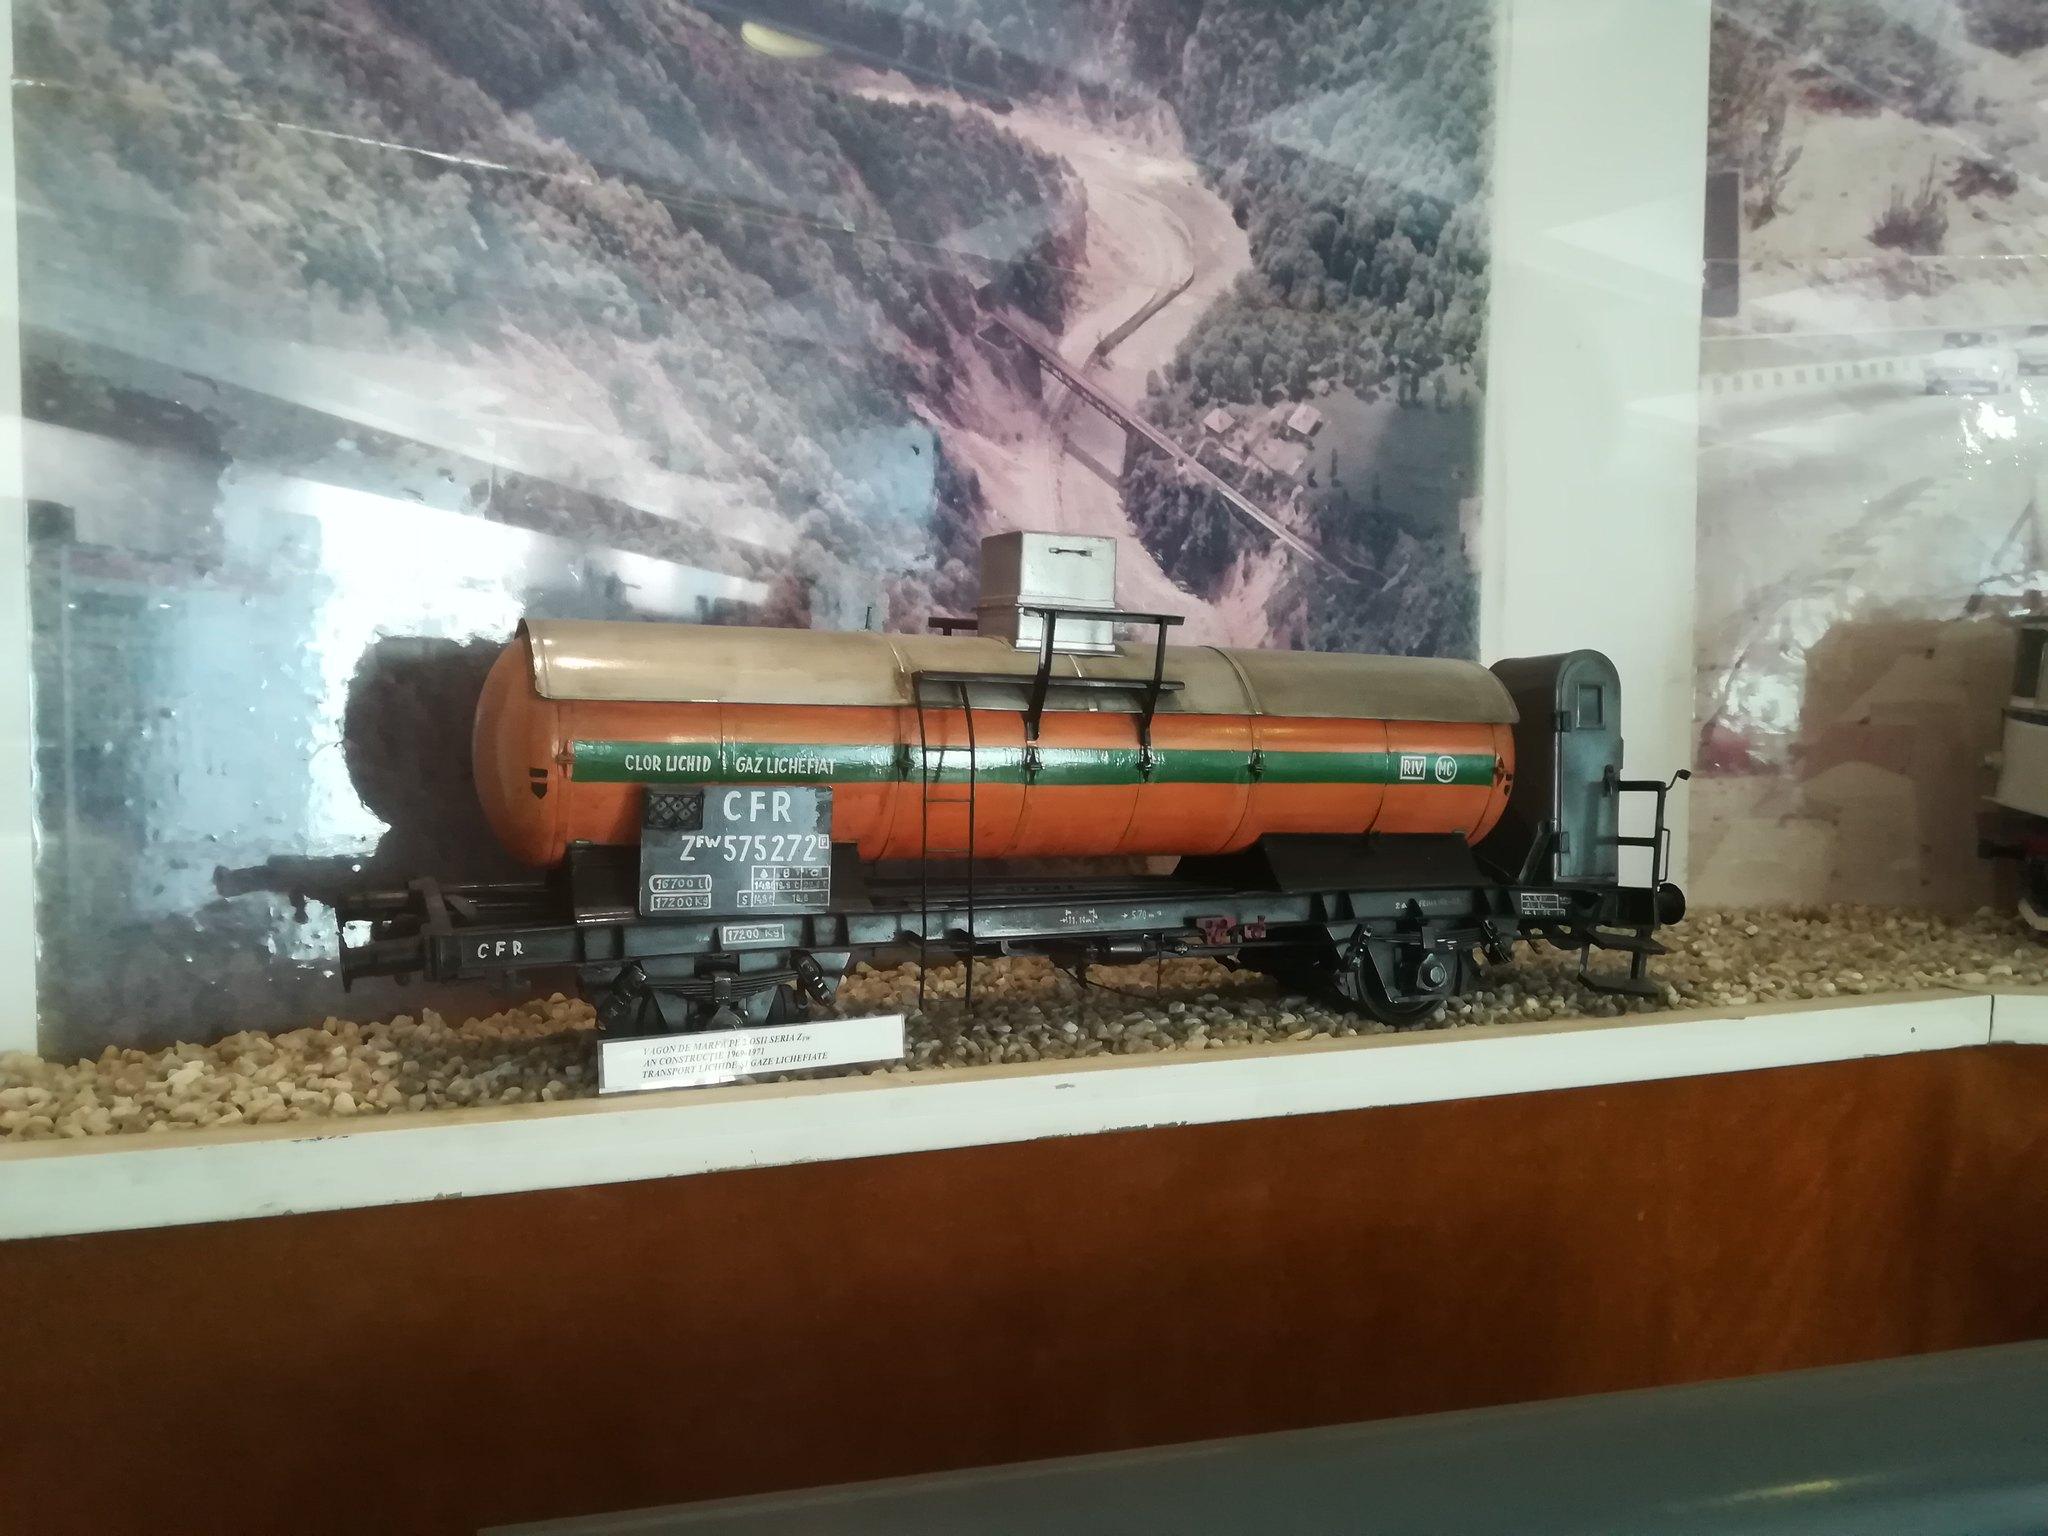 Reportaje feroviare Adirmvl - Pagina 21 49596852556_f2b2e58adf_k